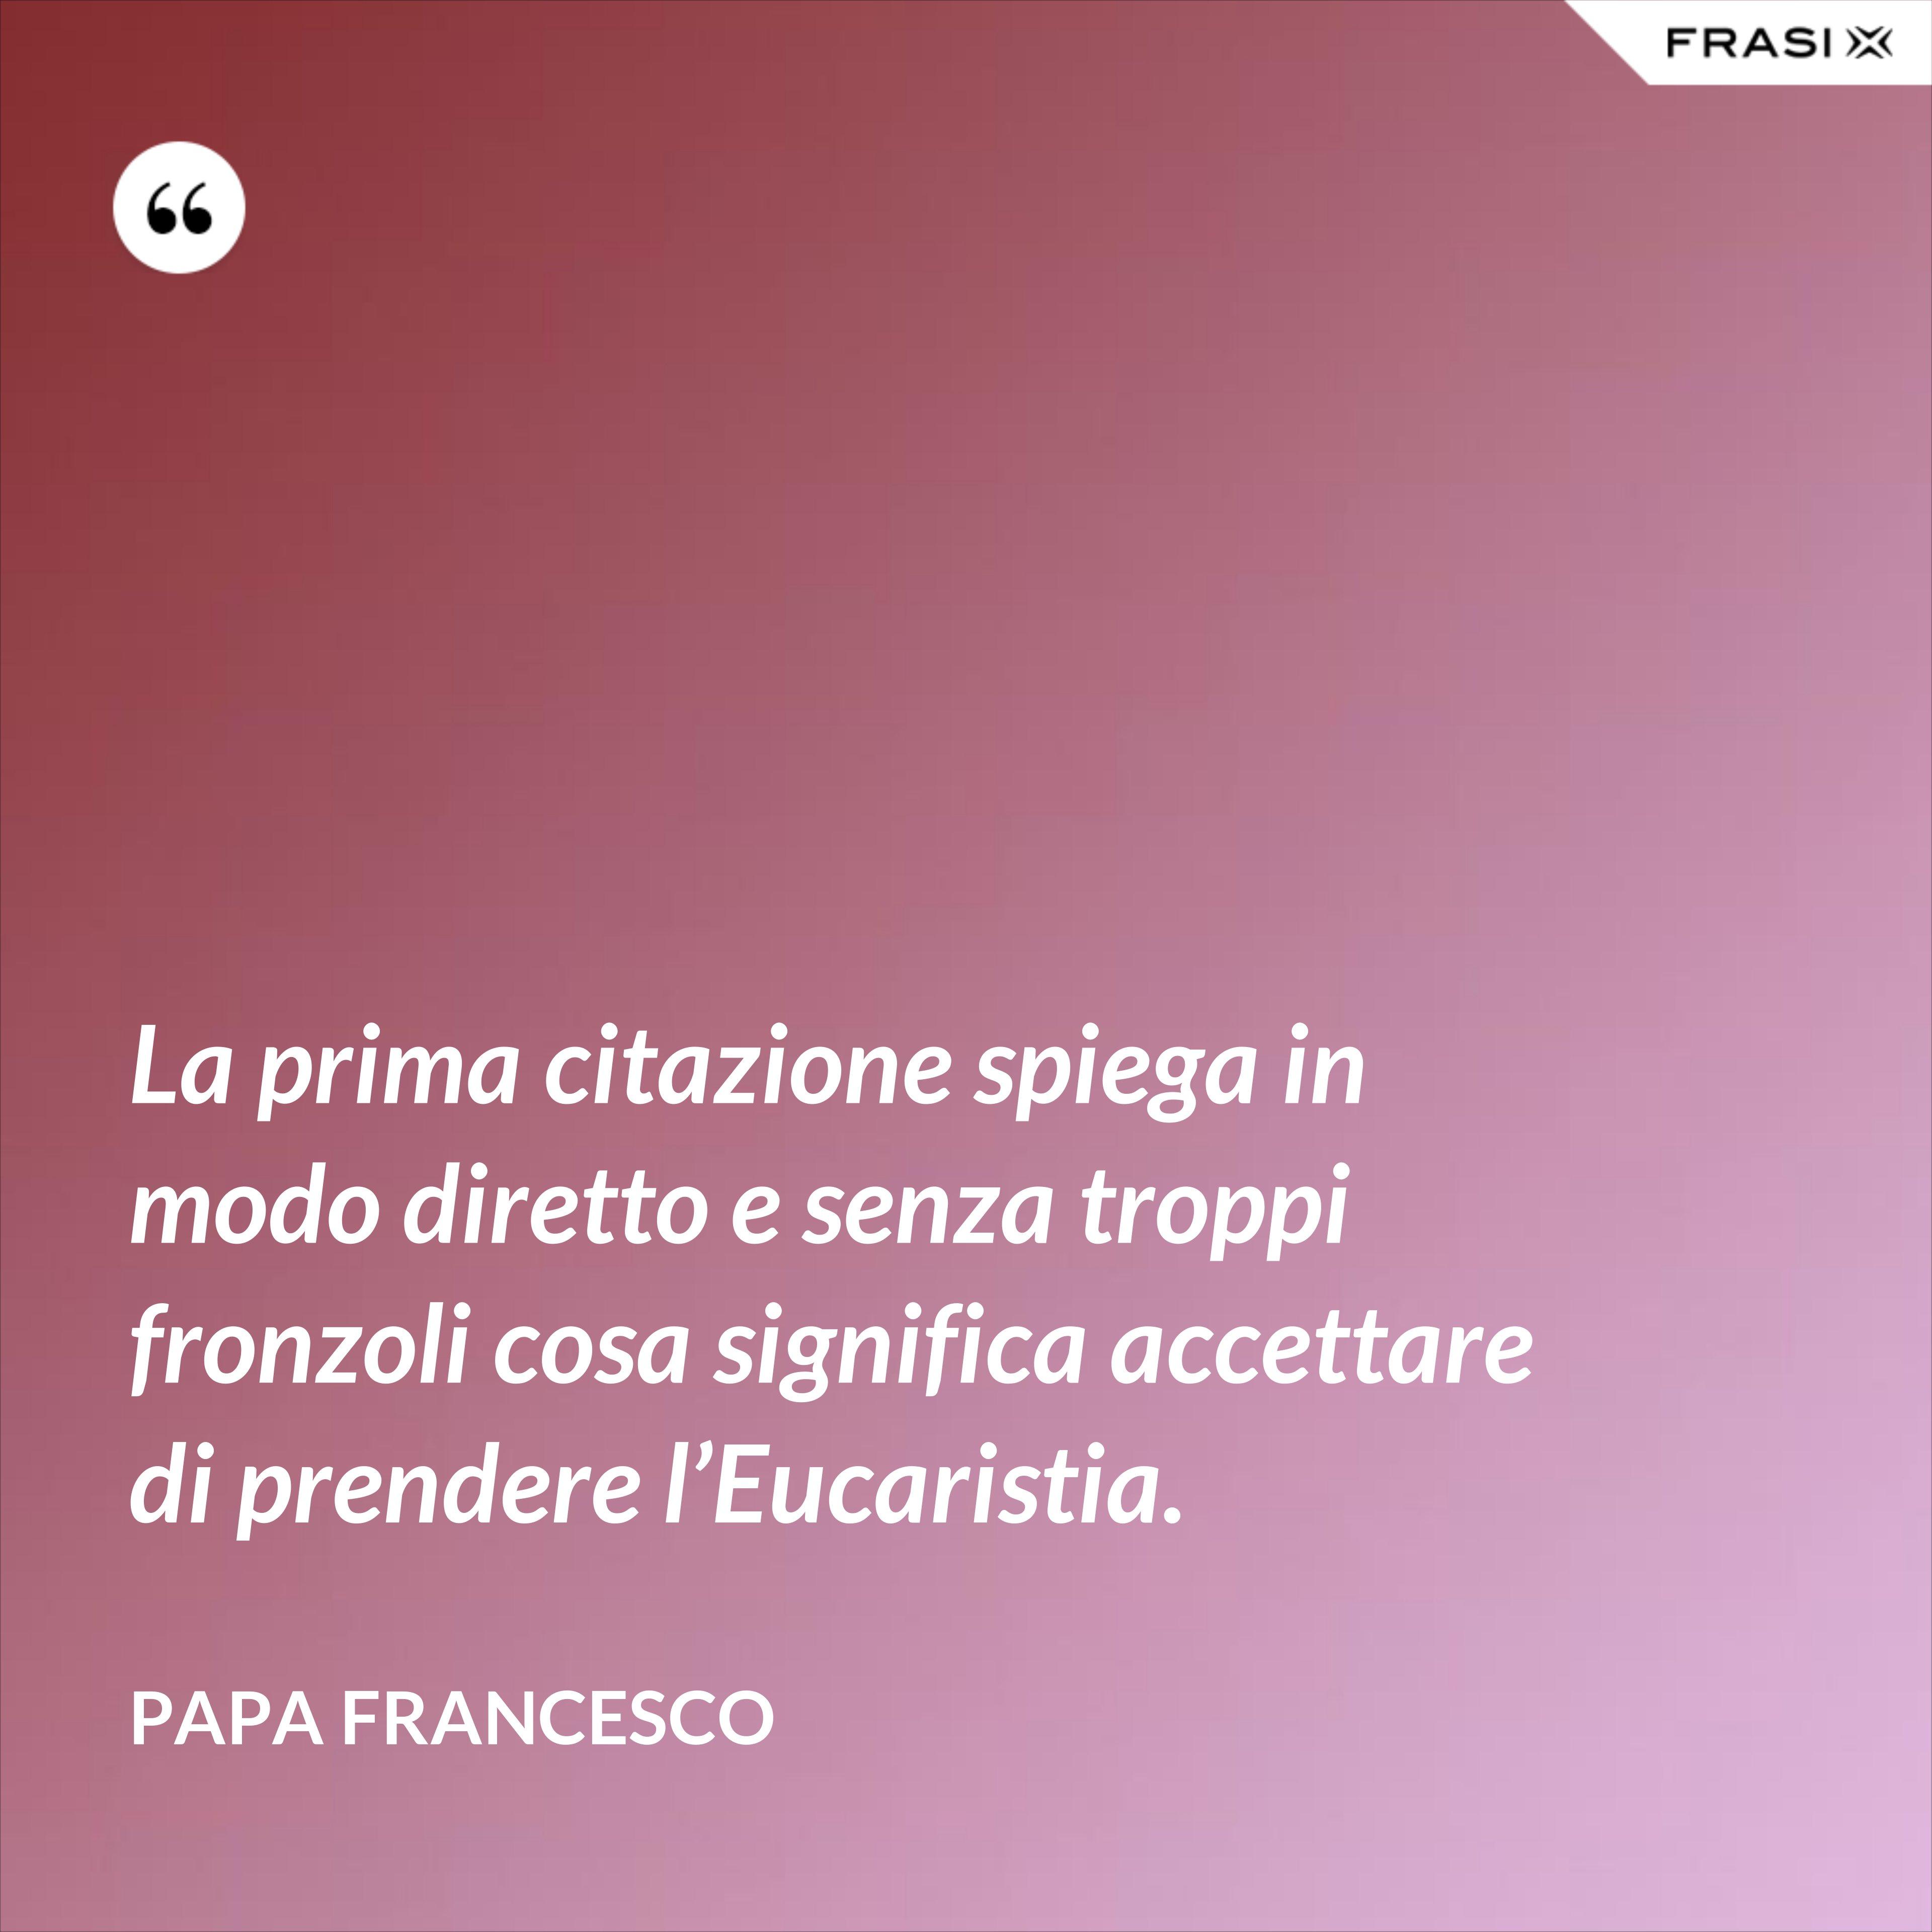 La prima citazione spiega in modo diretto e senza troppi fronzoli cosa significa accettare di prendere l'Eucaristia. - Papa Francesco